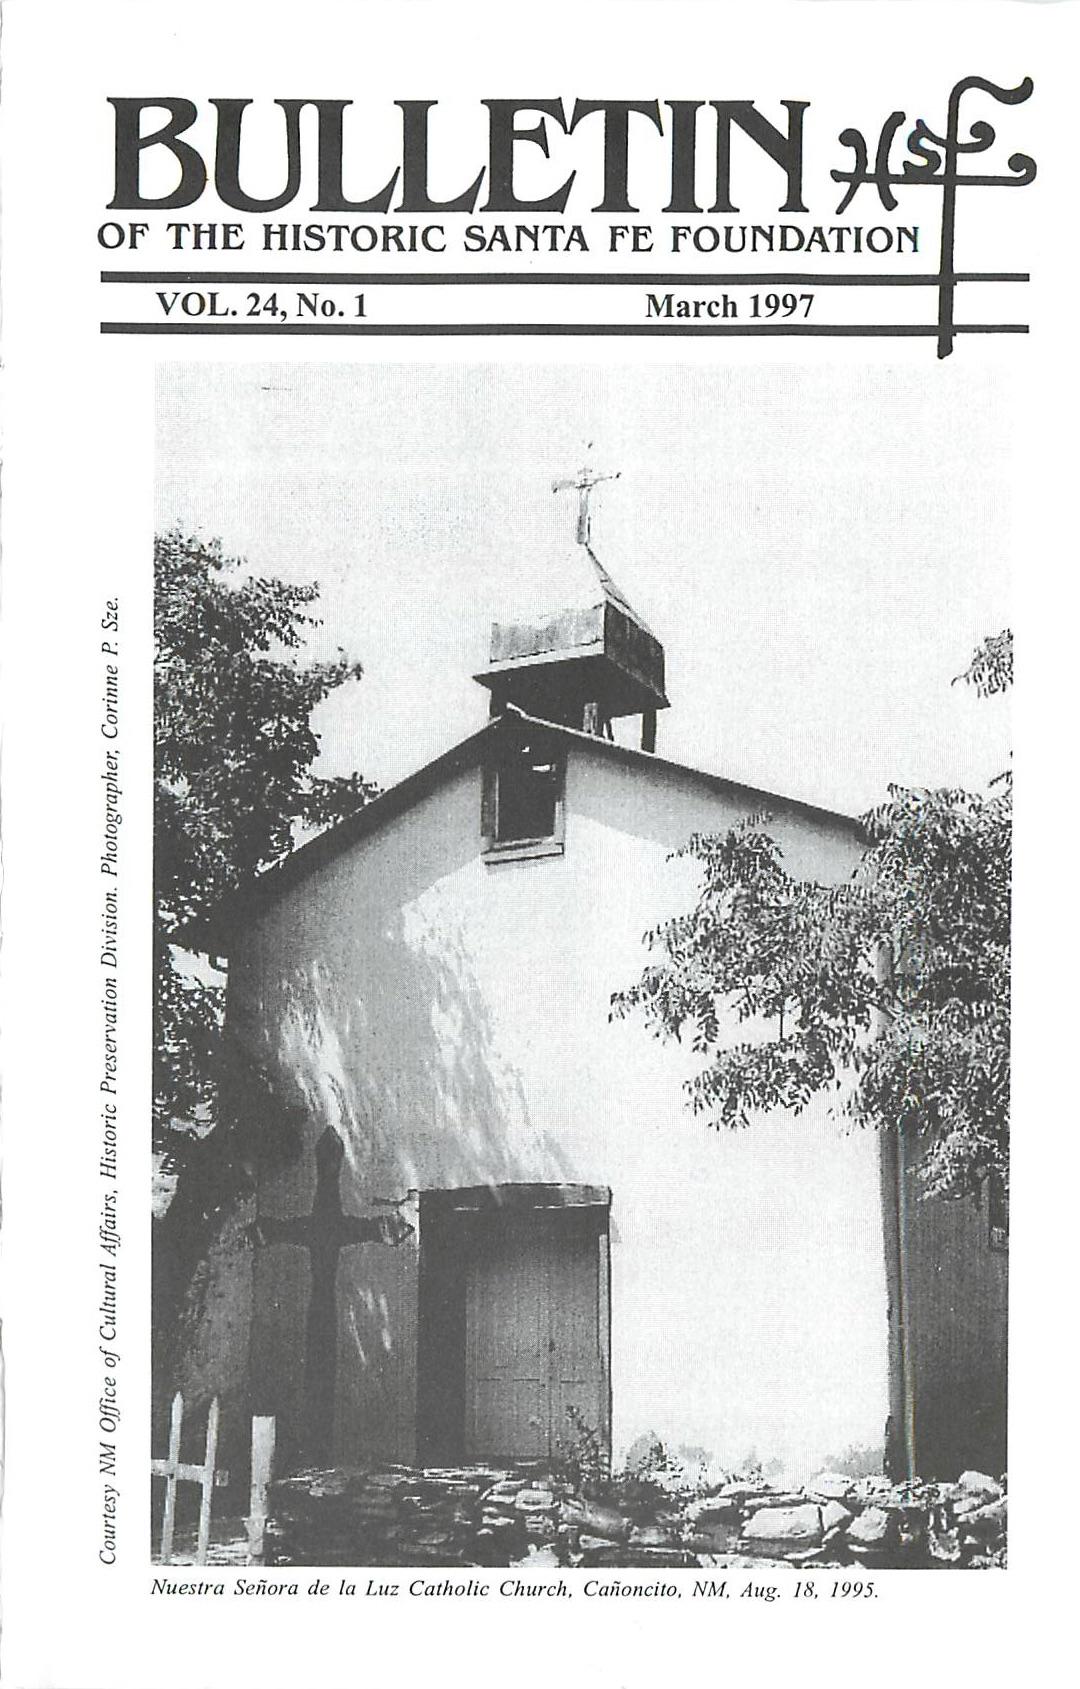 1997 HSFF Bulletin Vol.24 No.1 Cover